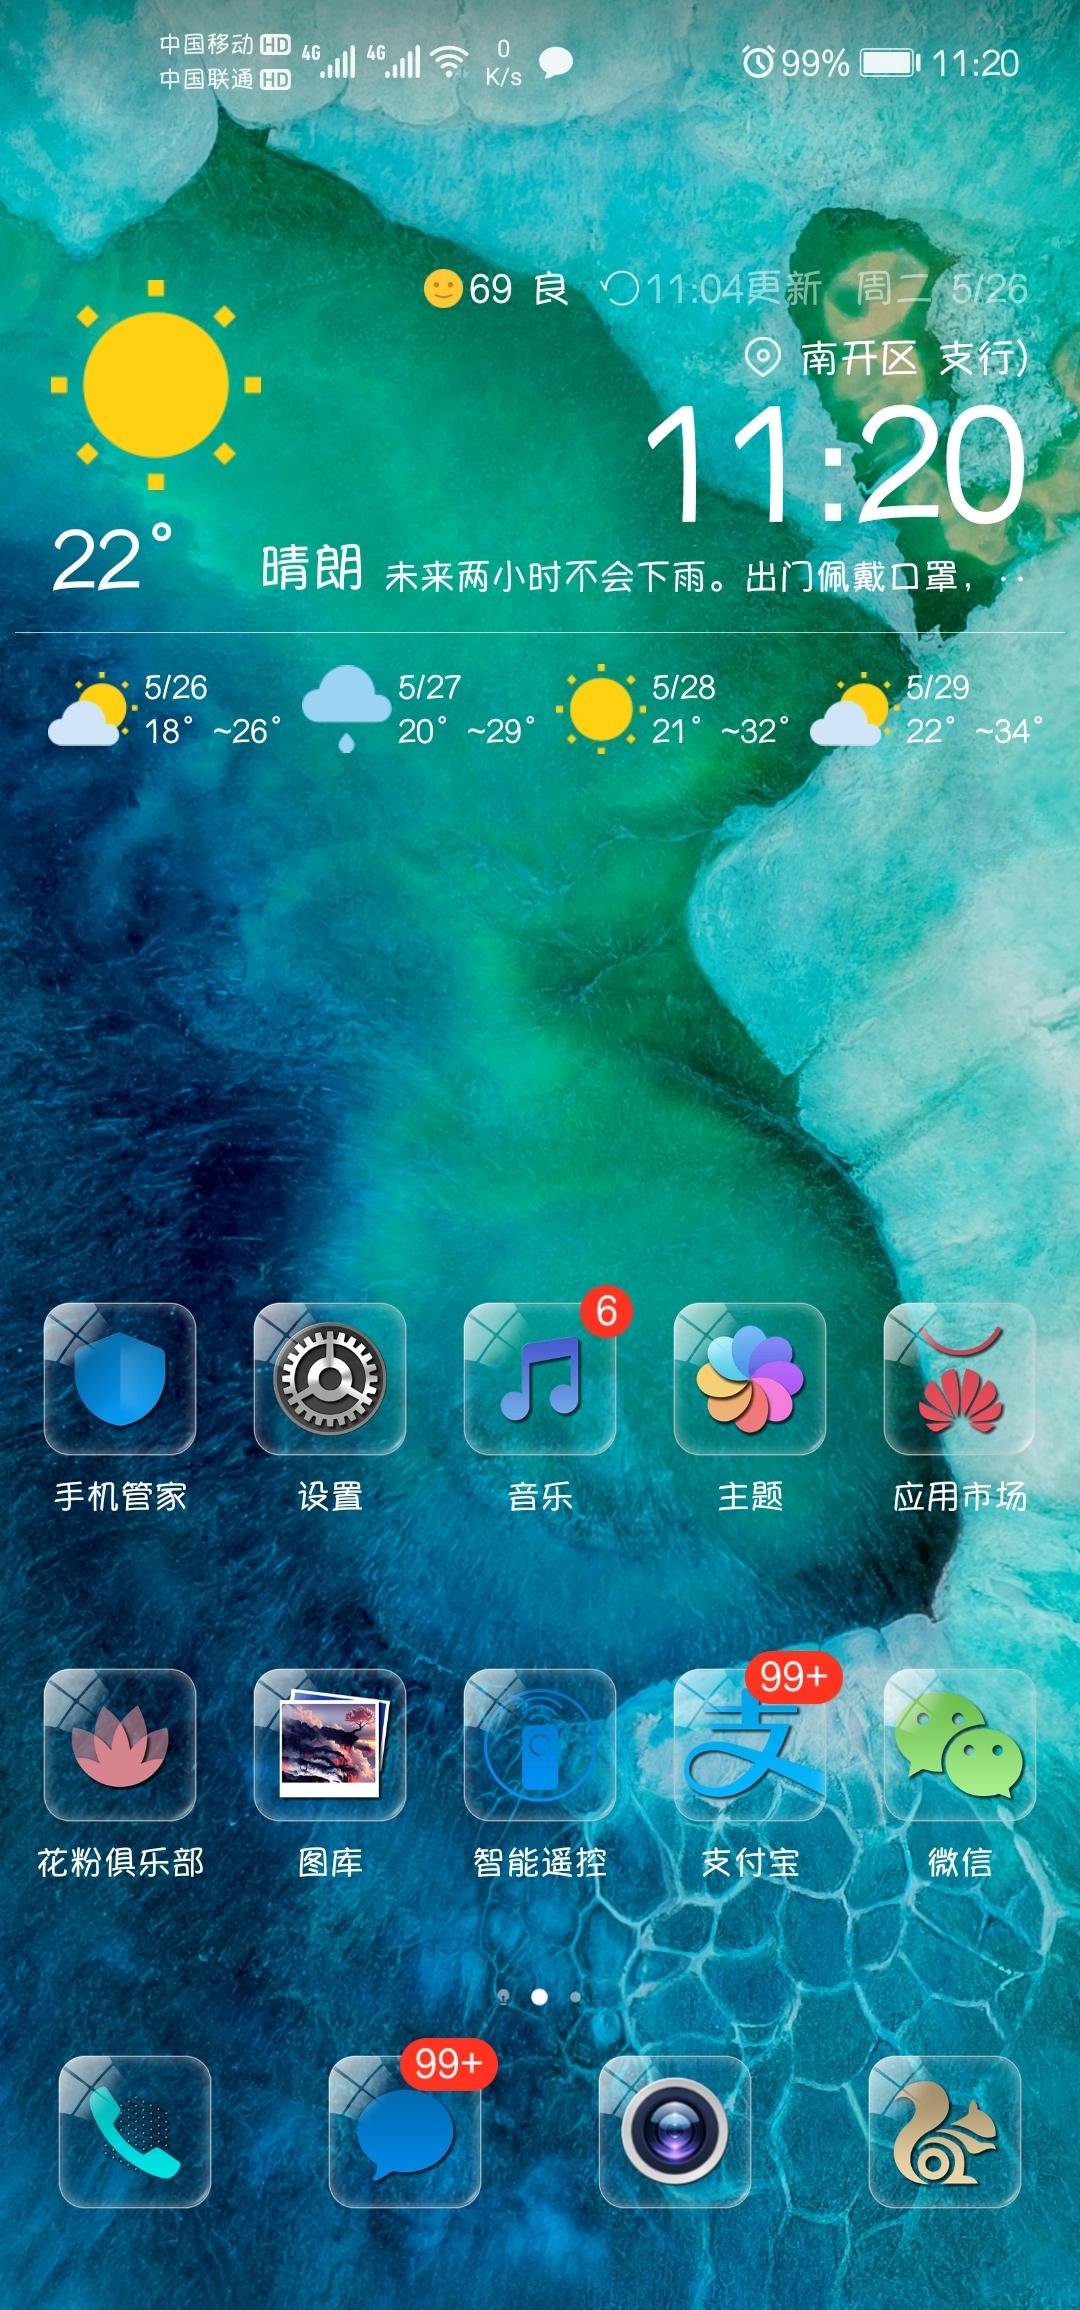 Screenshot_20200526_112033_com.huawei.android.launcher.jpg